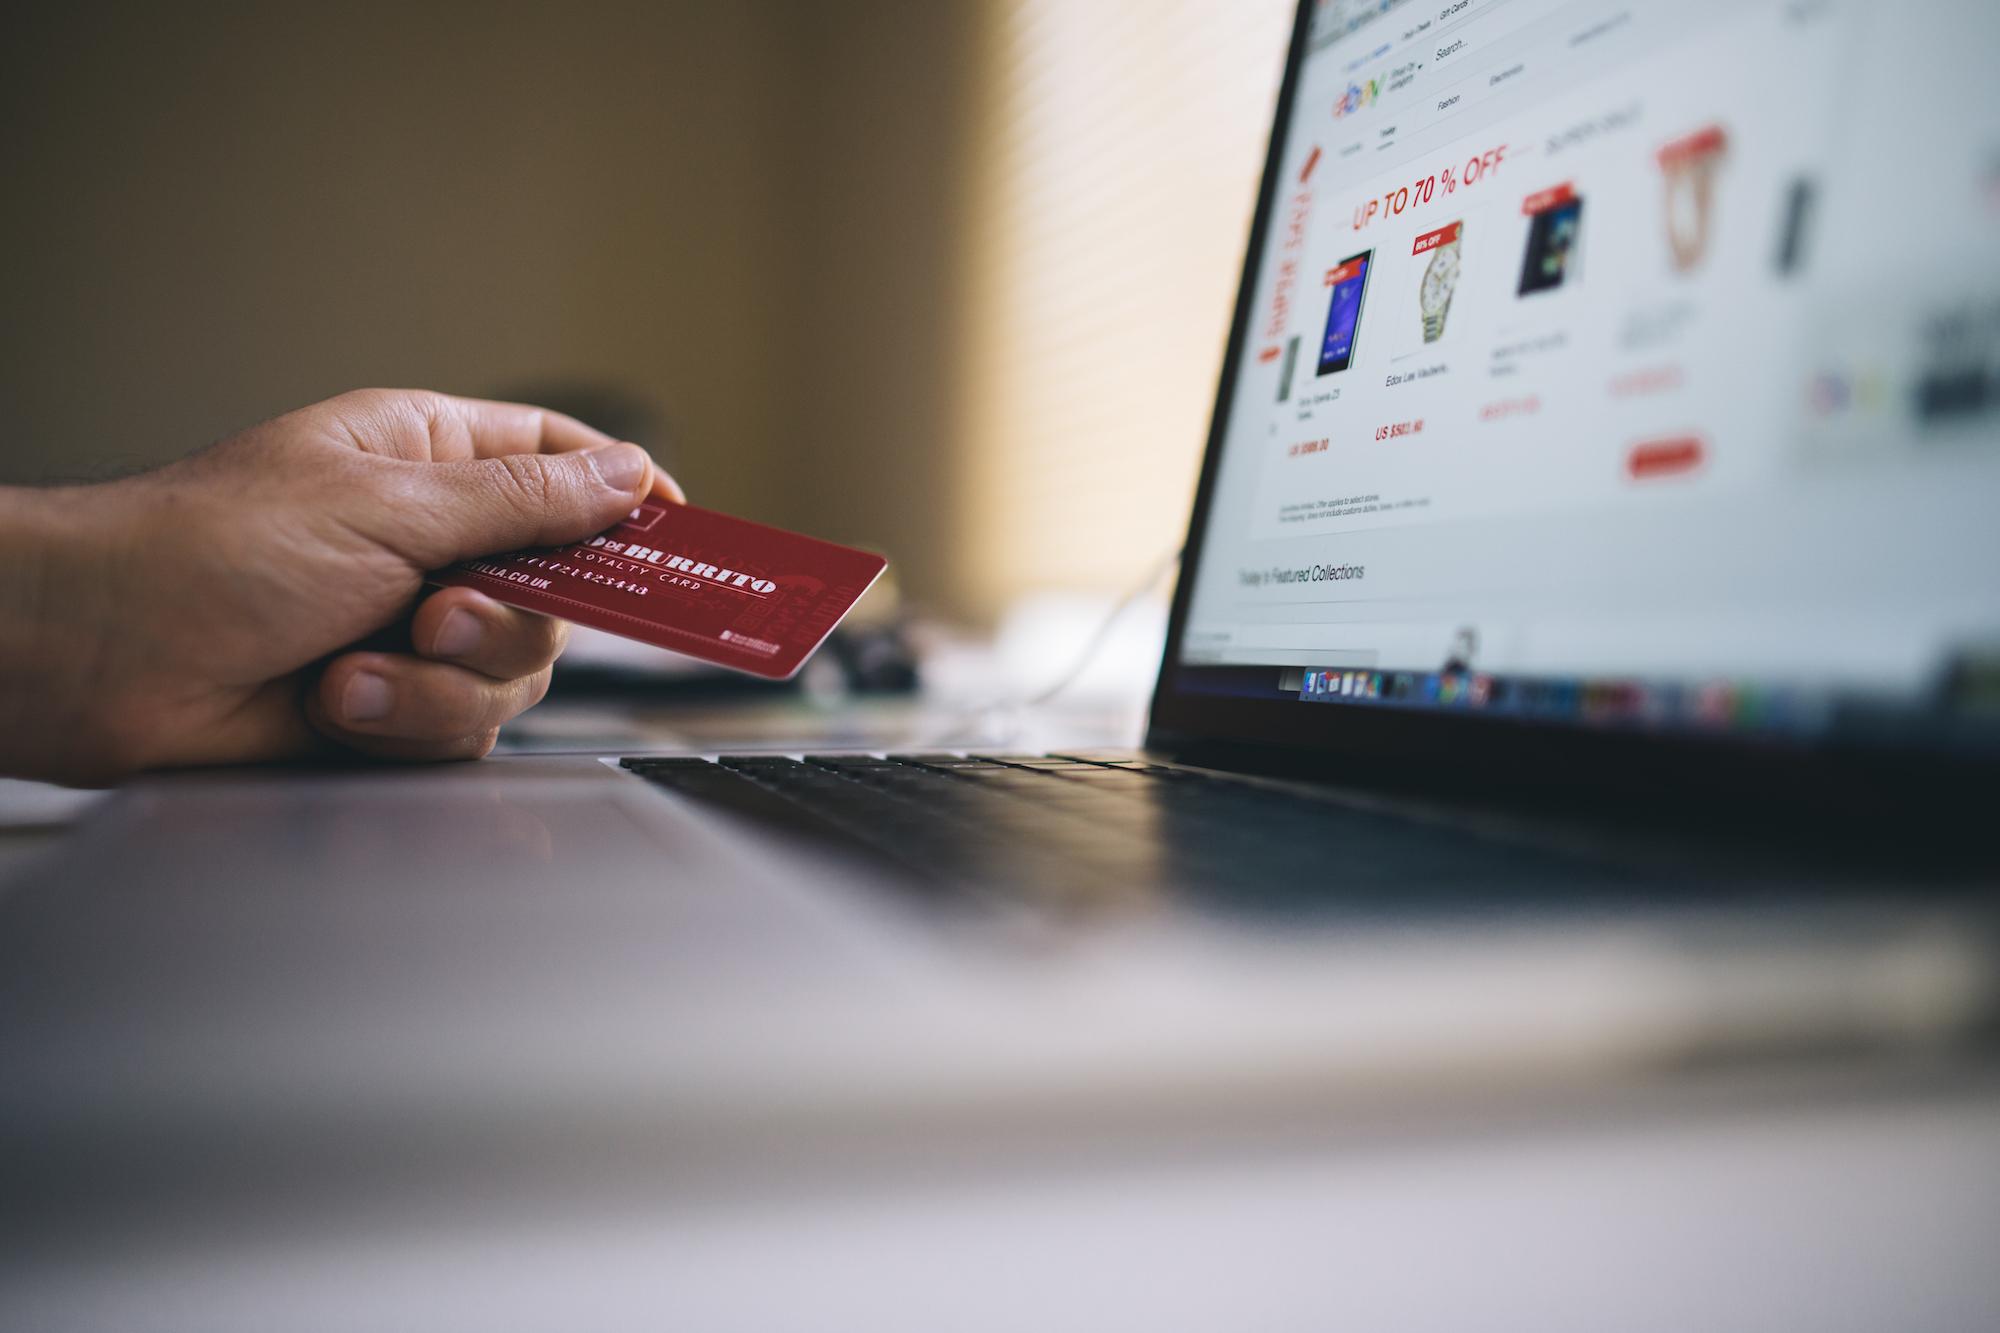 Les banques en ligne répondent aux néobanques